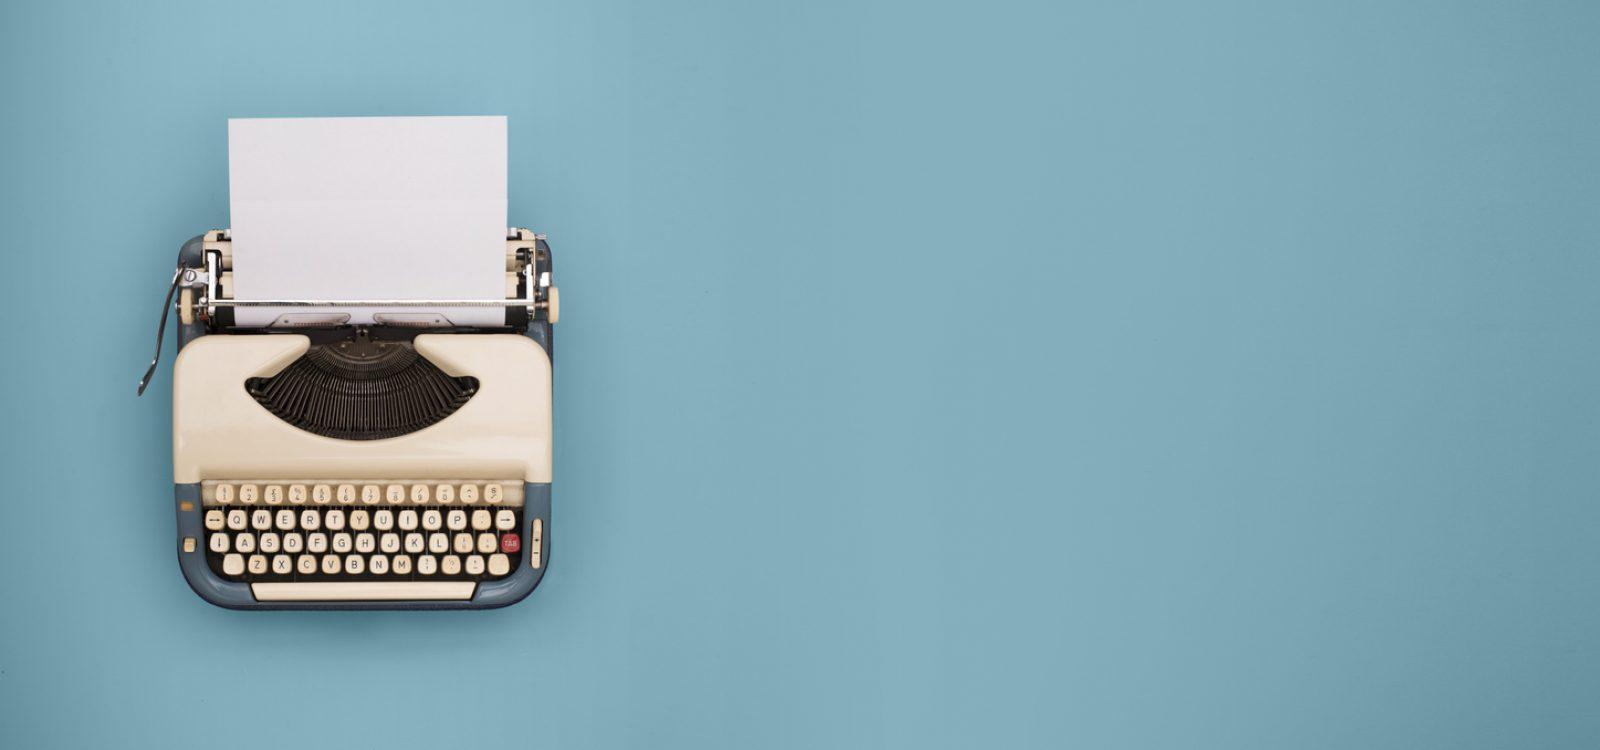 Editor's Note – Hugh Miller